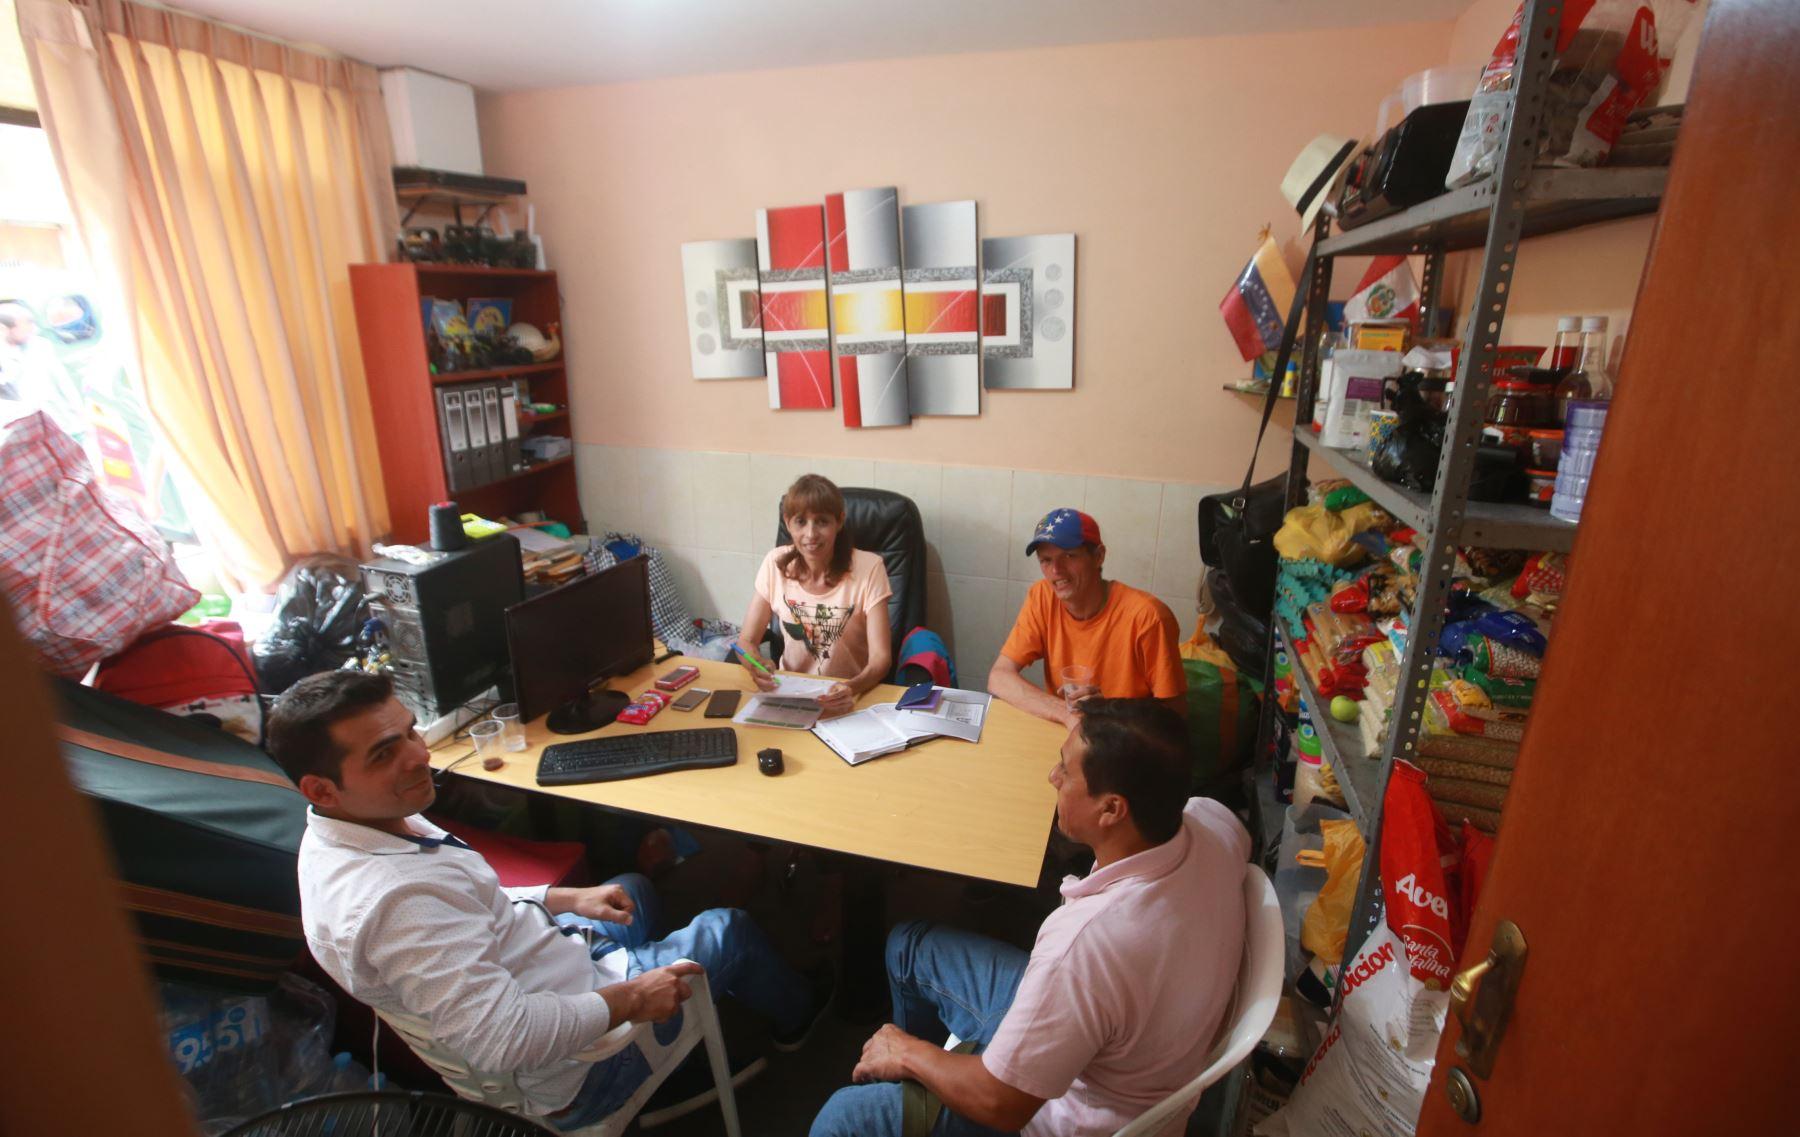 Un momento para la conversación. Hoy la canciller Cayetana Aljovín abordar el tema de los migrantes venezolanos en el Perú, su situación e impacto socioeconómico en el país. Foto.ANDINA/Jhony Laurente